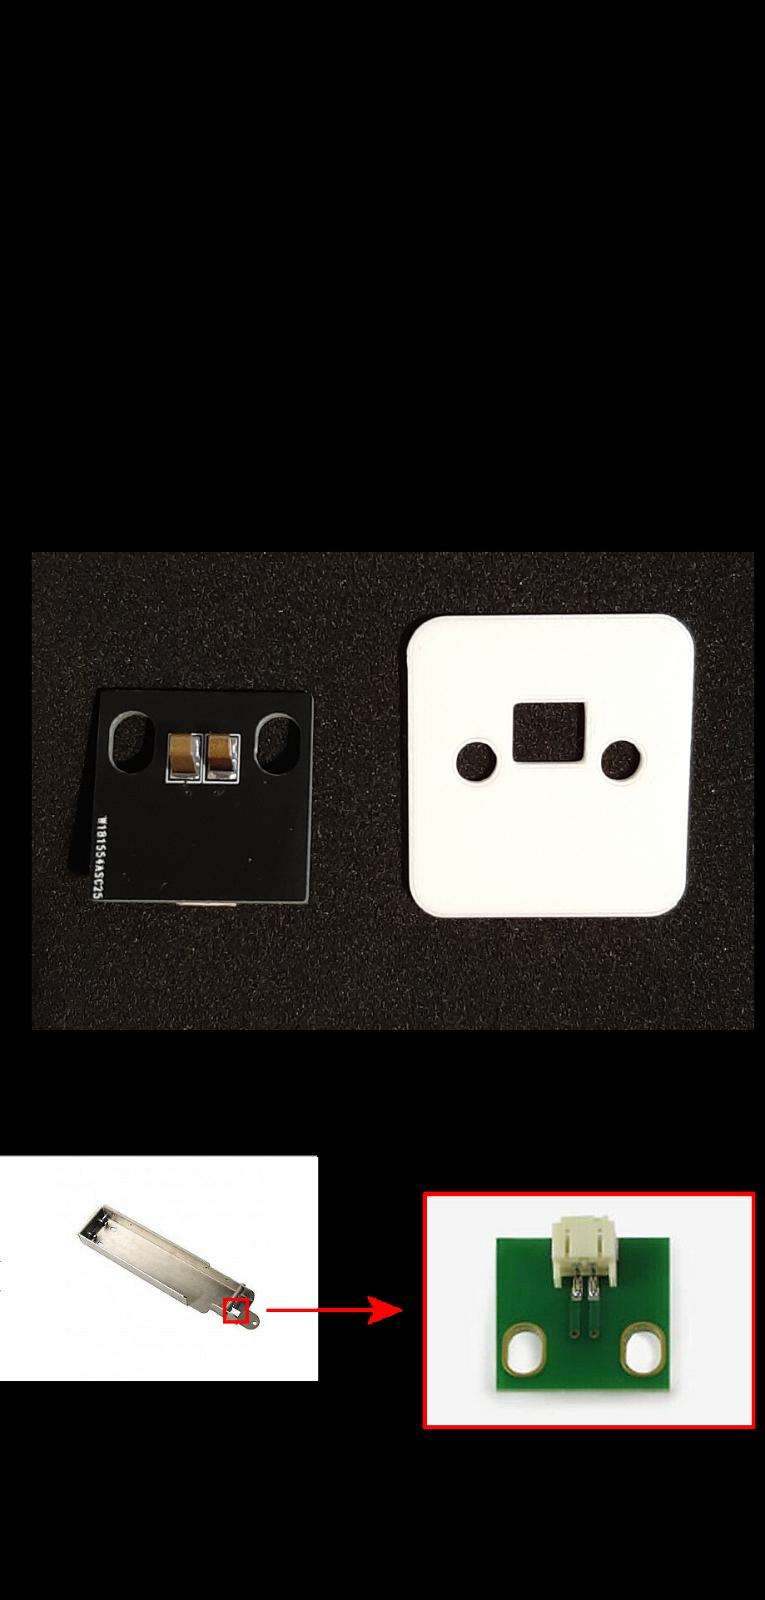 3D System Cube Pro Filament Spool Reader